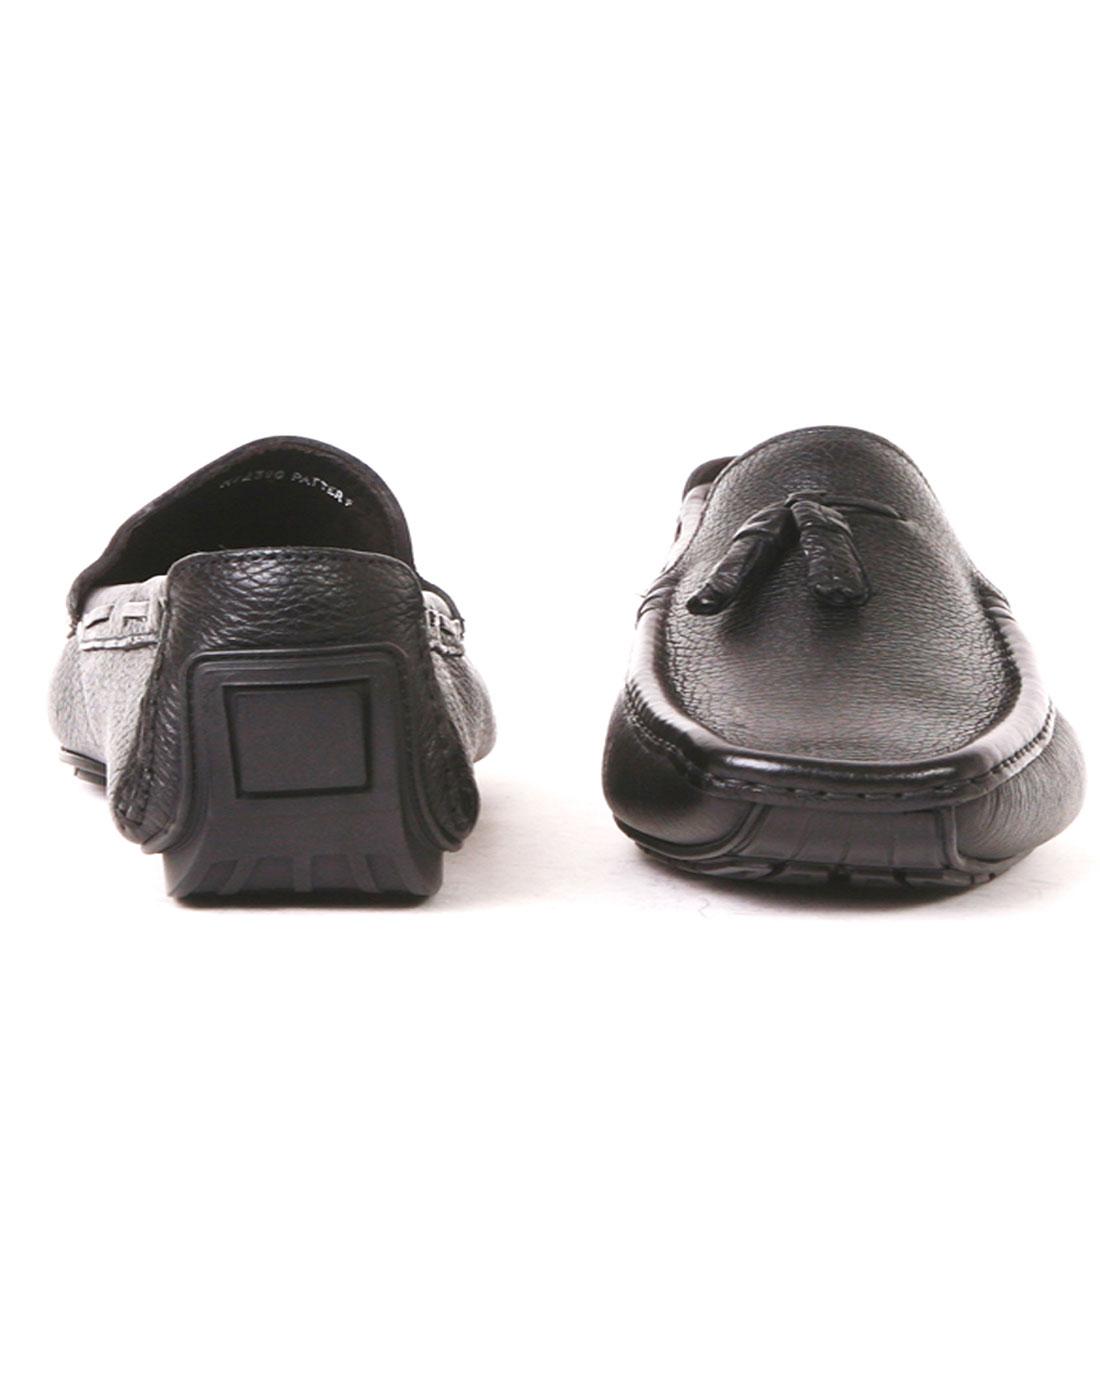 男士名鞋brunomagli 男士黑色牛皮方头休闲皮鞋